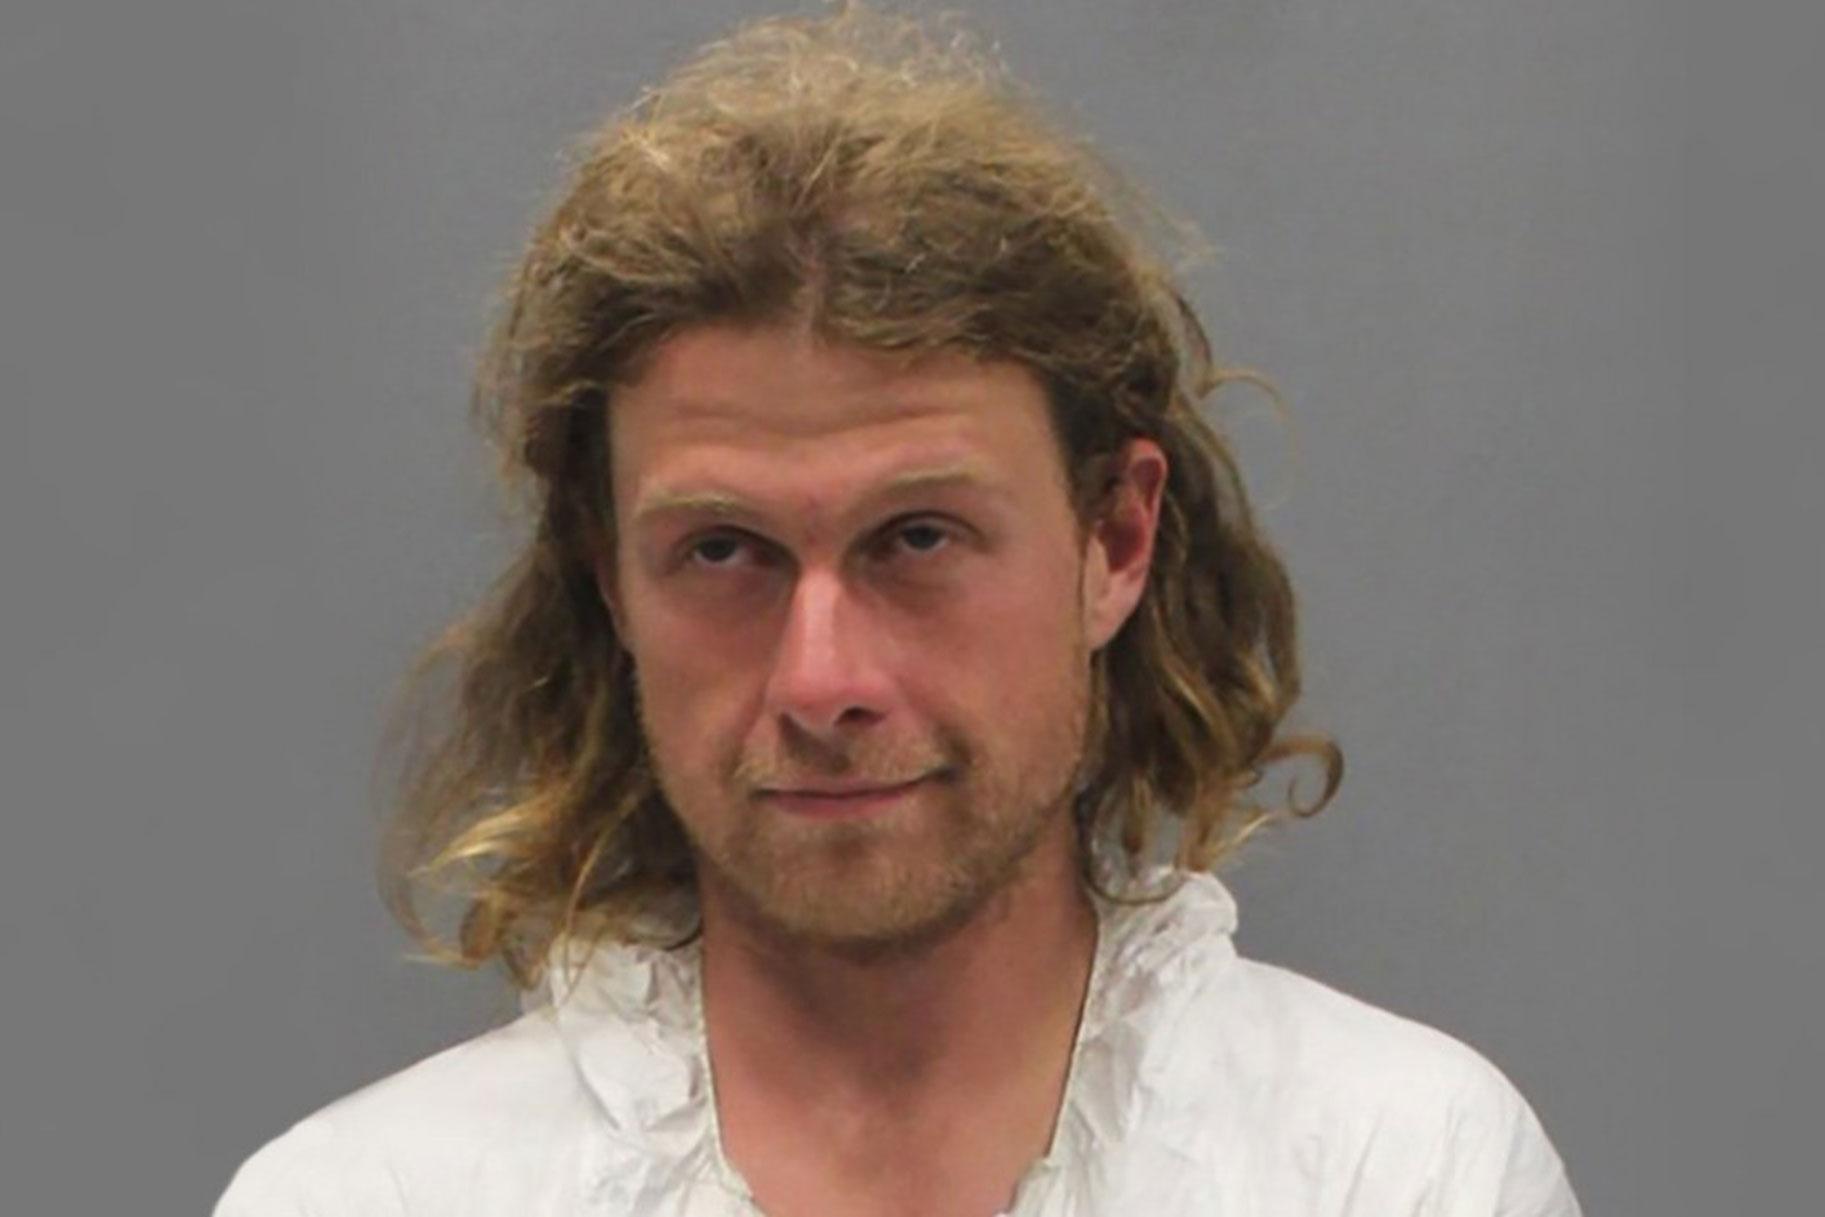 Un hombre con el apodo de 'soberano' presuntamente atacó a dos excursionistas con un machete en el sendero de los Apalaches